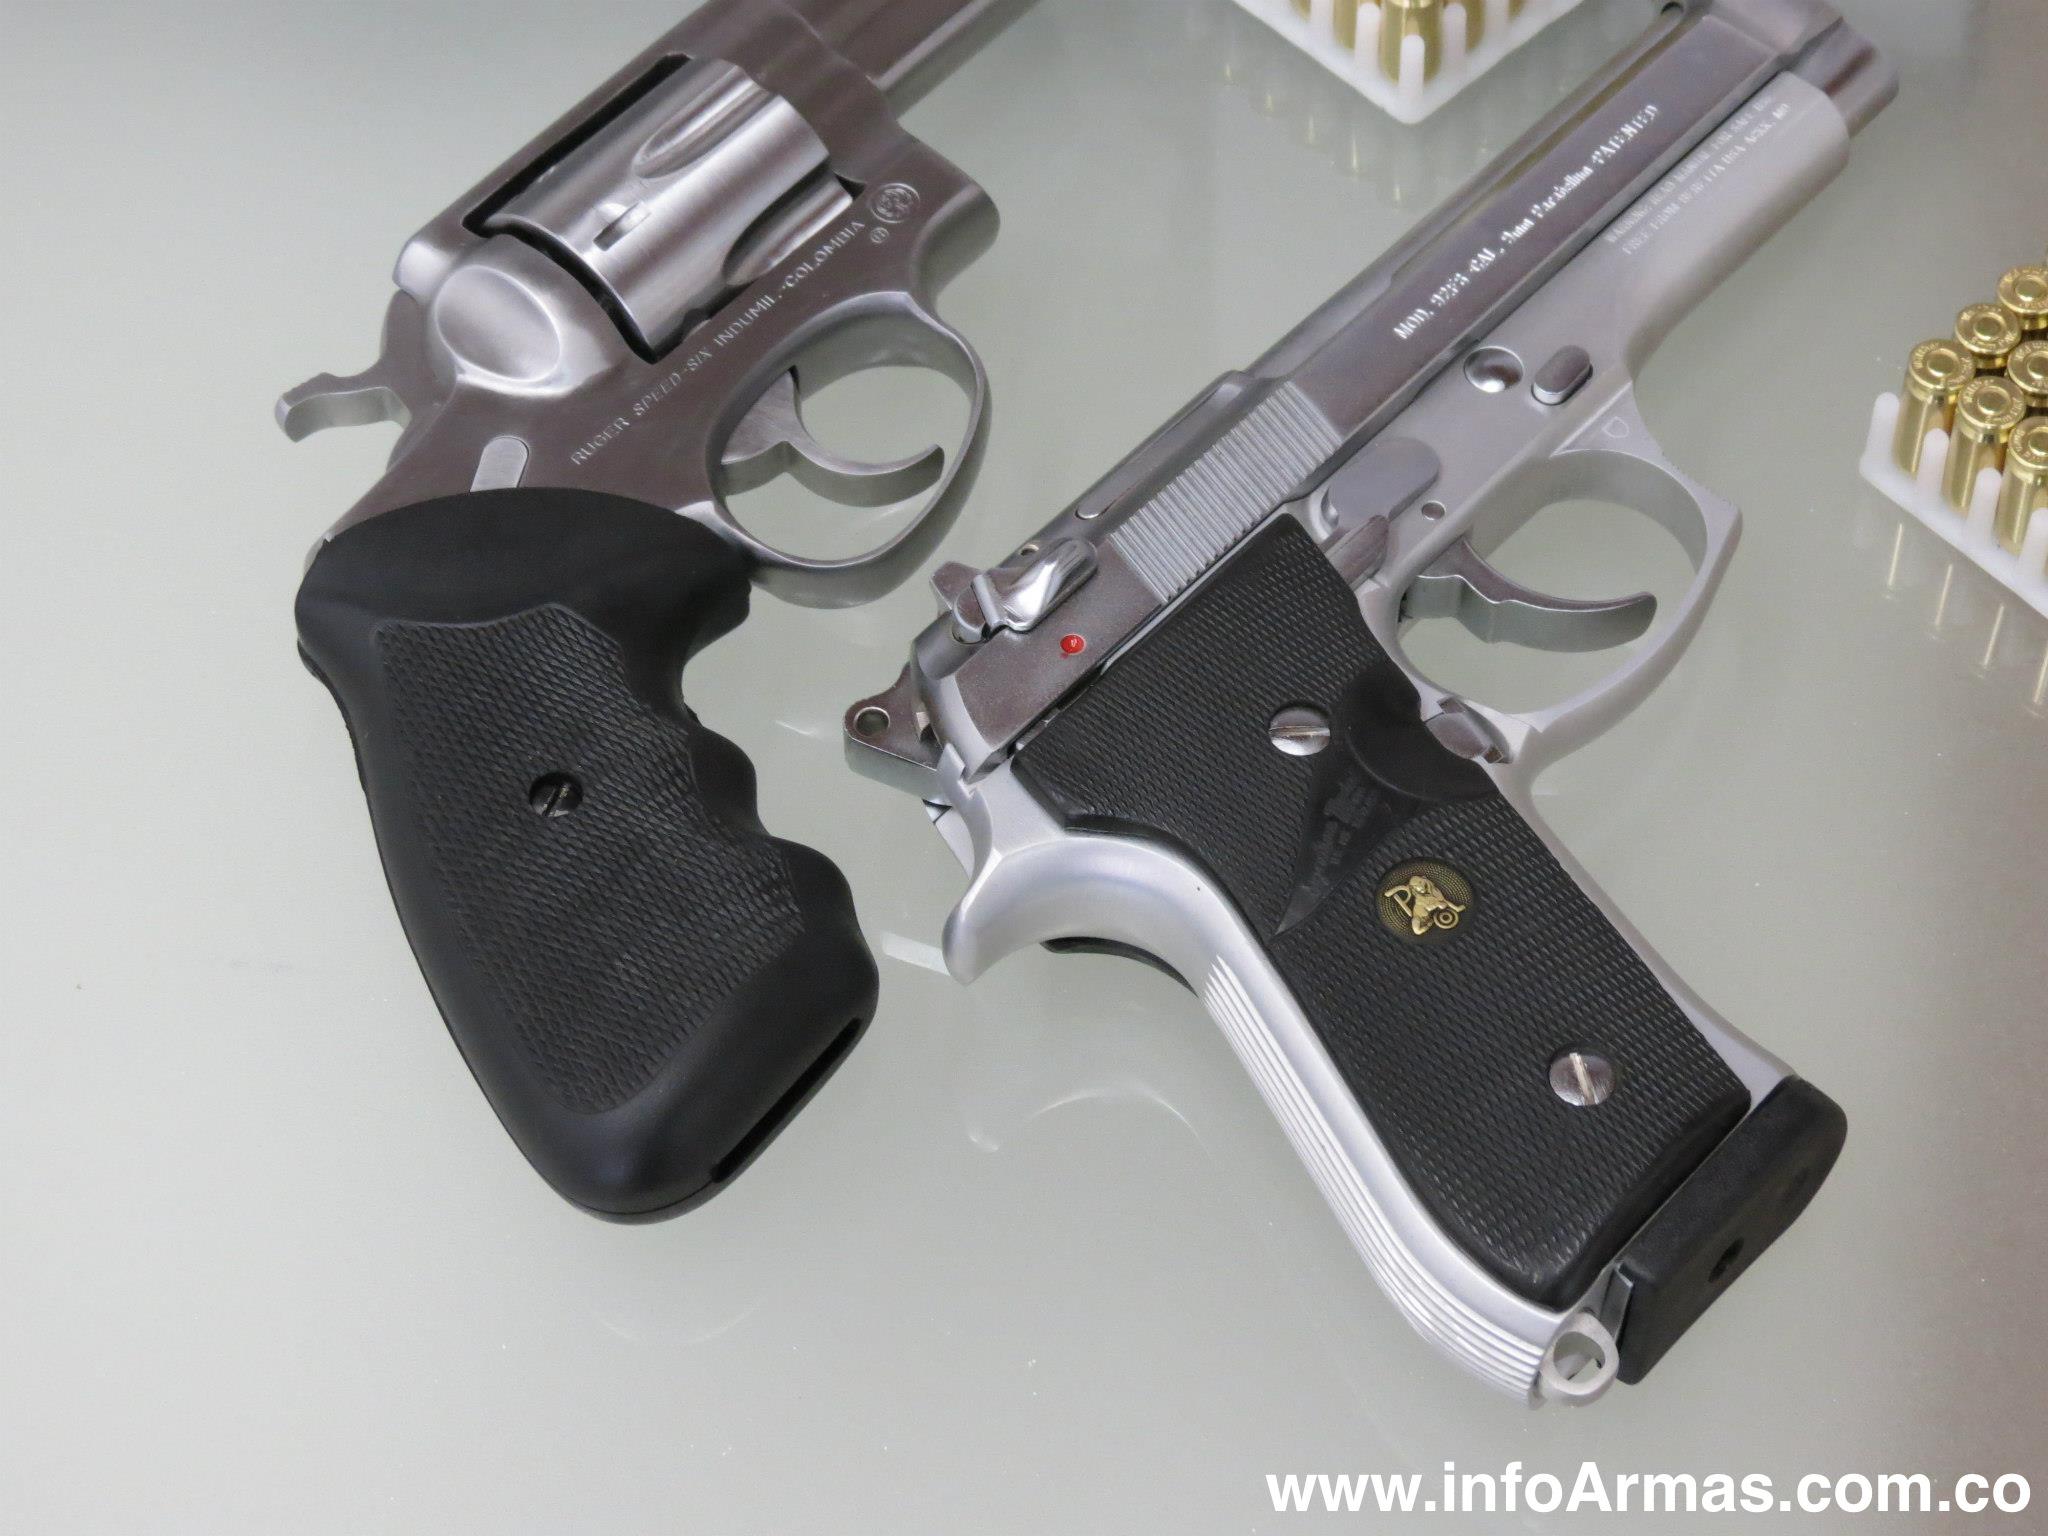 Pistola beretta 92f 9mm y revolver ruger 38l en acero for Pistola para lacar muebles precio